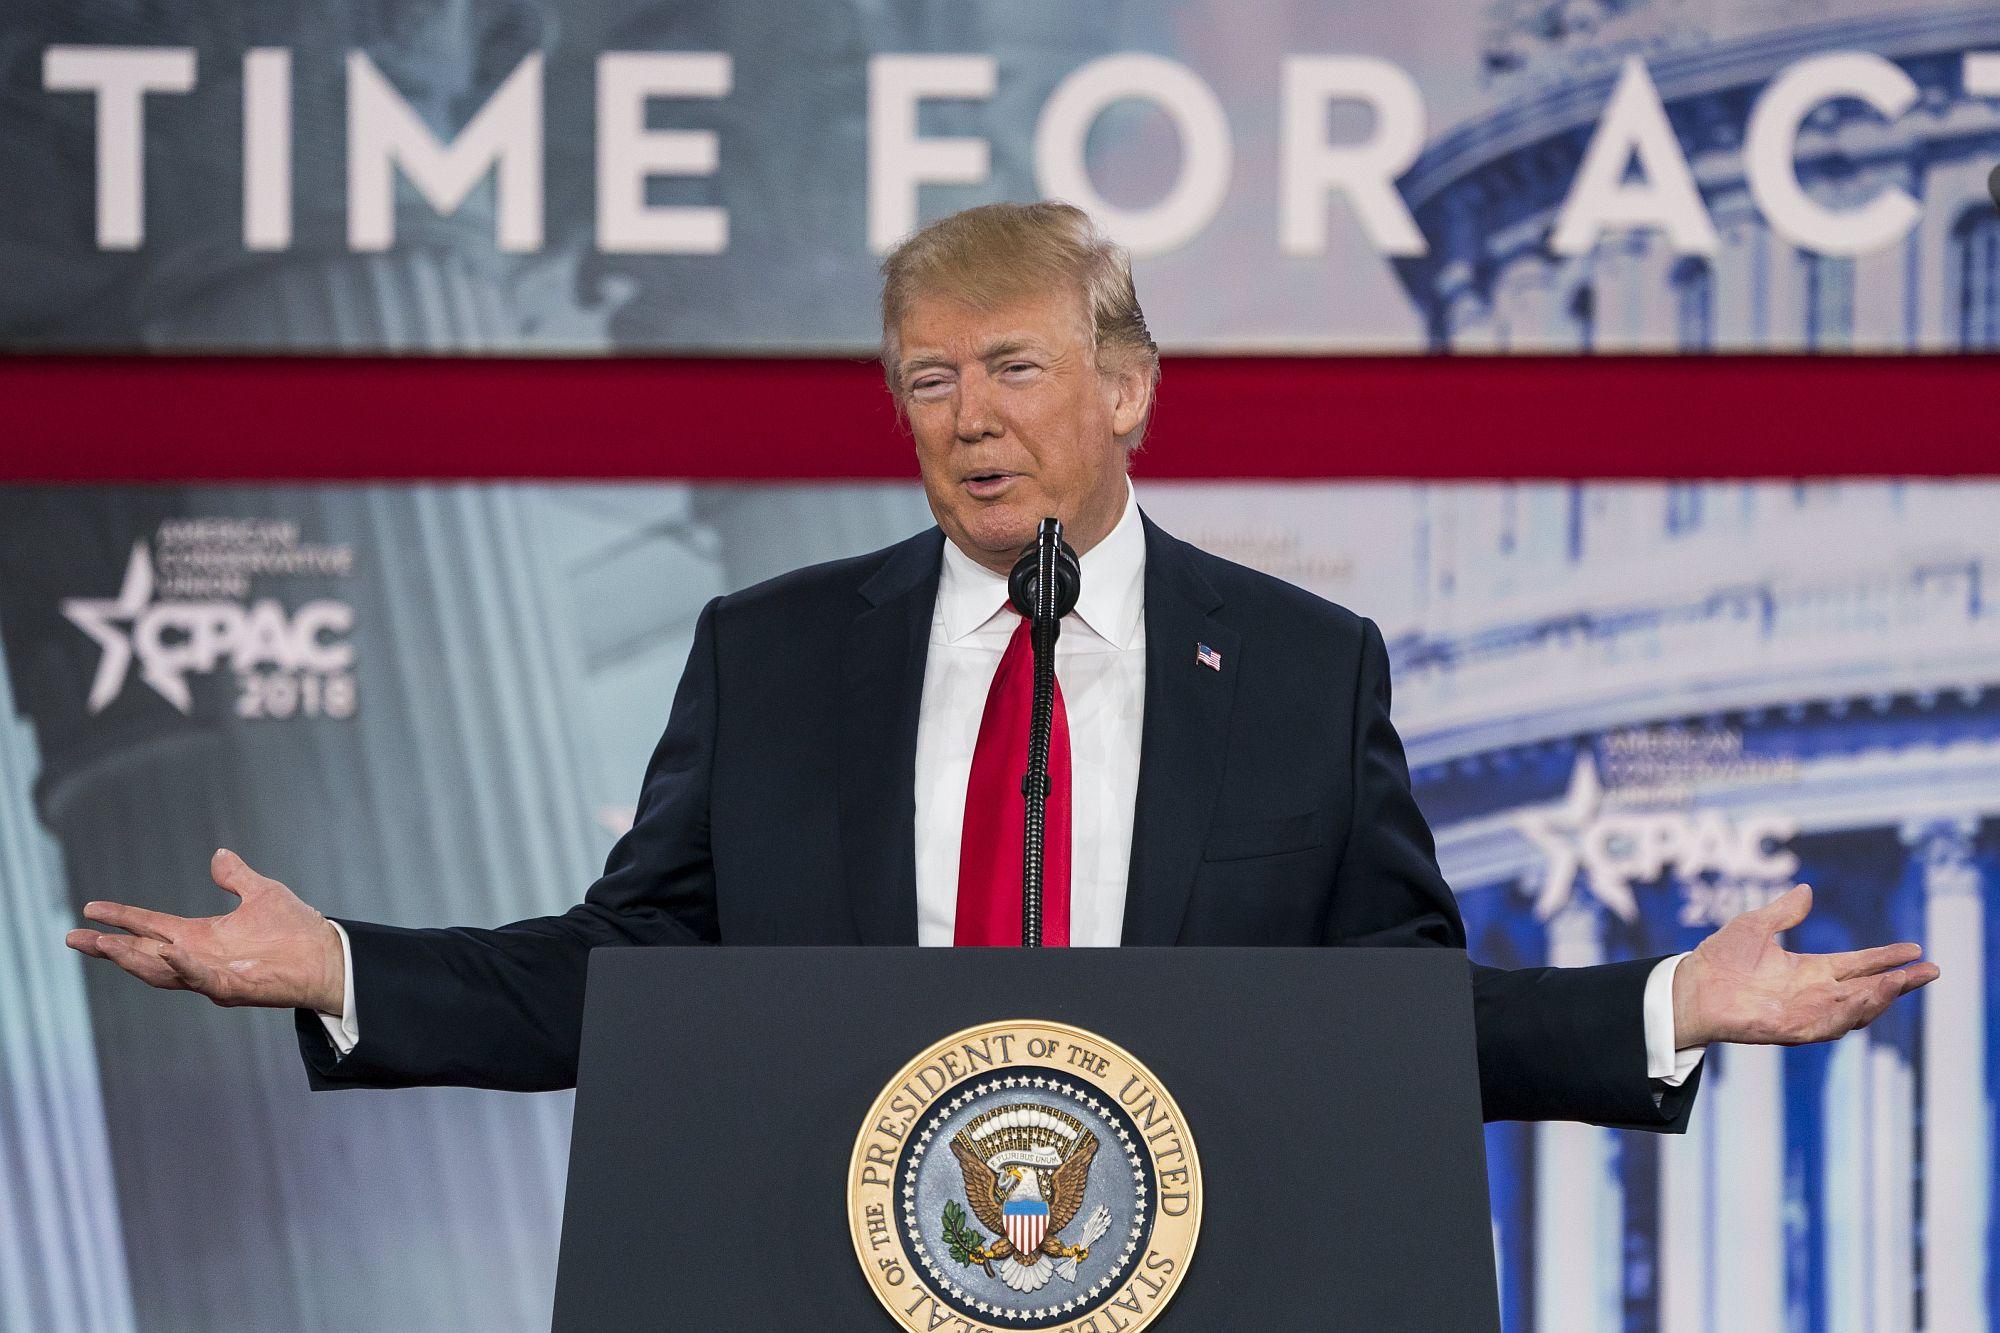 Donald J. Trump amerikai elnök felszólal a 45. CPAC konferencián 2018. február 23-án. Az elnük kihasználta a lehetőséget, hogy új szankciókat jelentsen be Észak-Korea ellen. EPA/JIM LO SCALZO